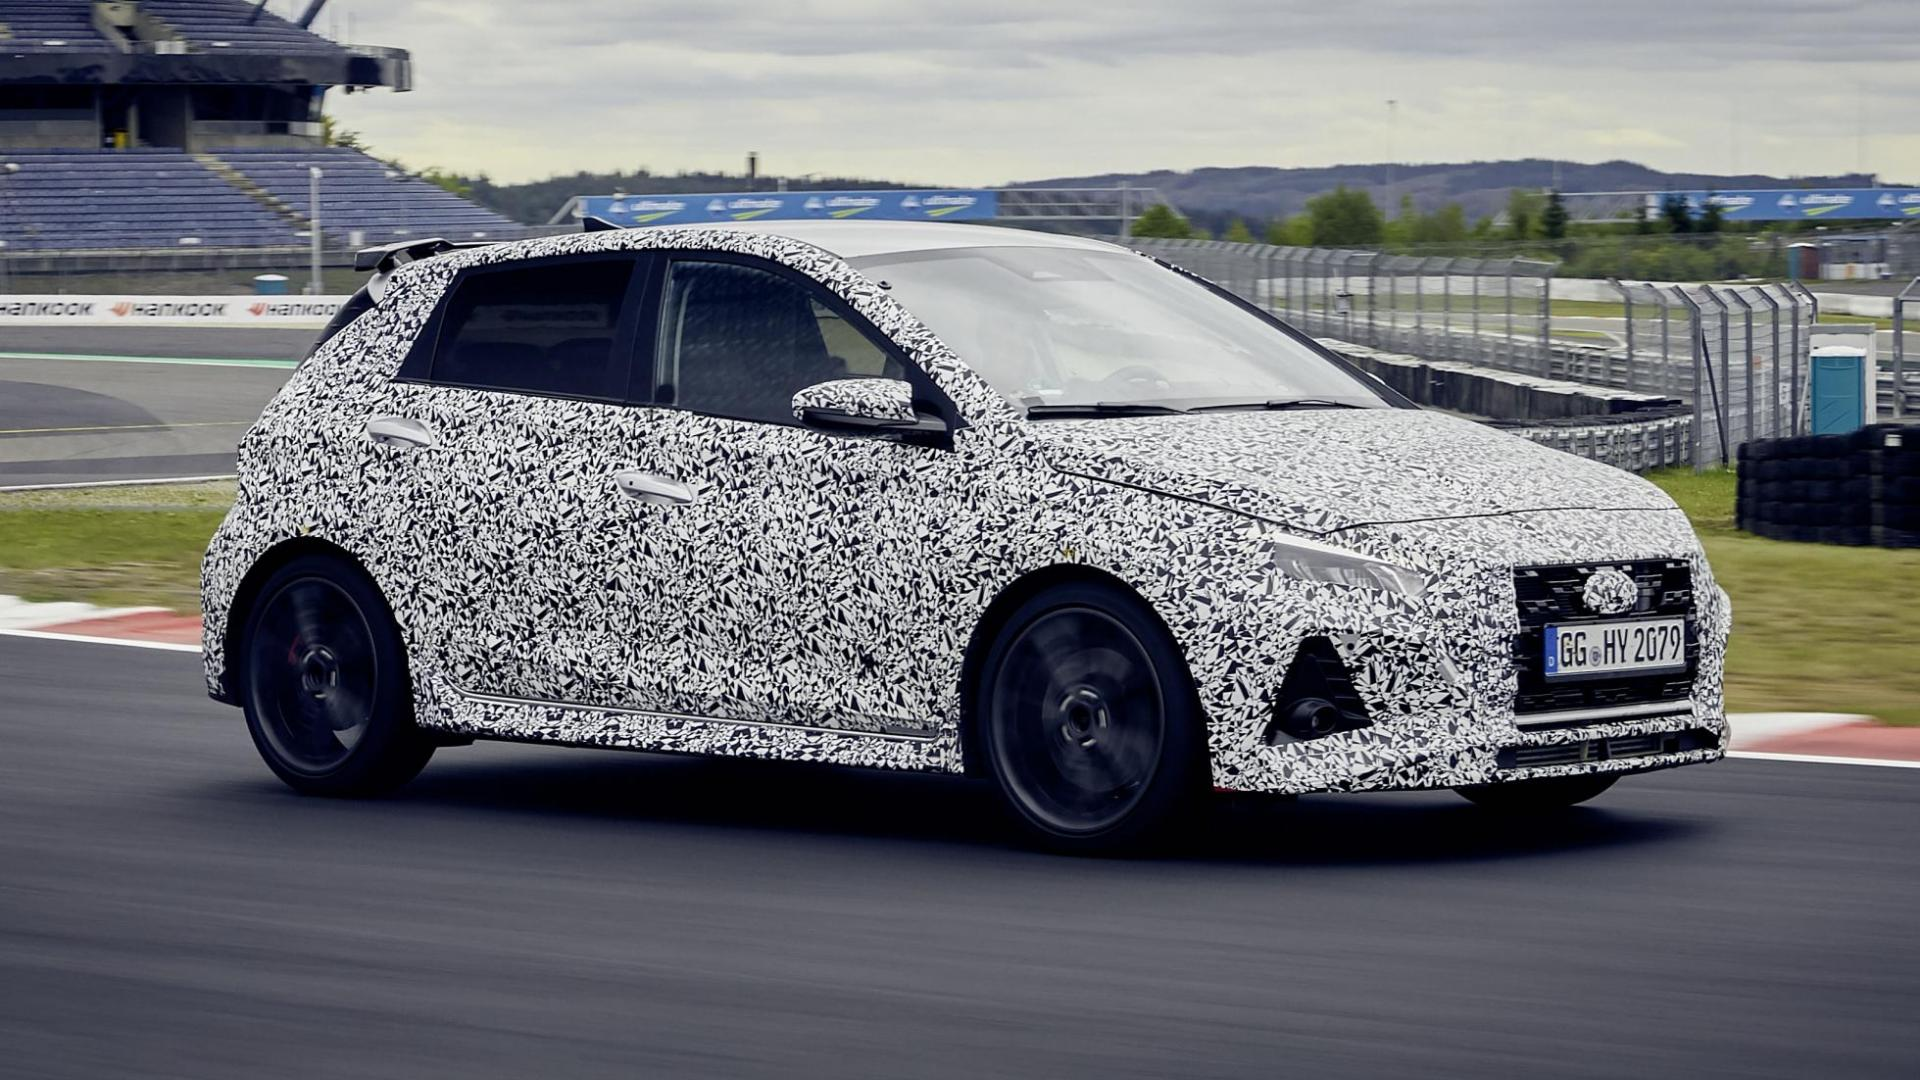 Hyundai i20 N prototype met camouflage